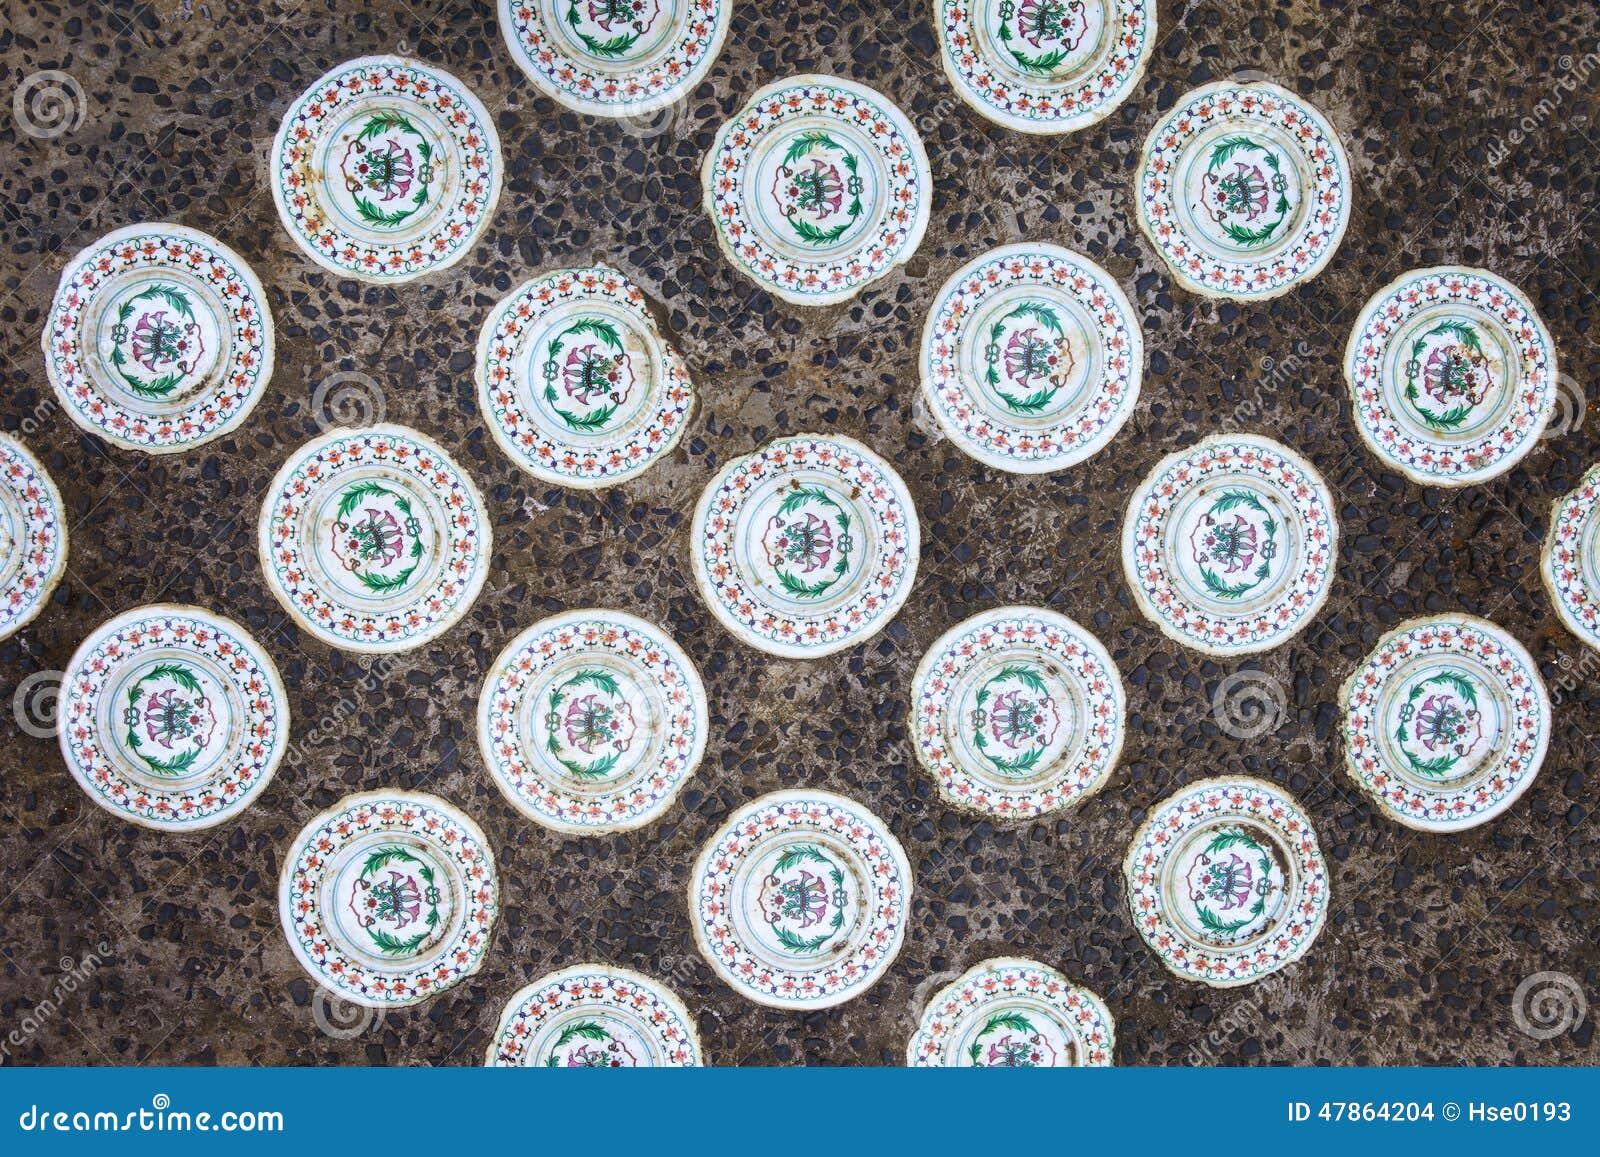 Piastrelle di ceramica cinesi fotografia stock immagine di cerchio